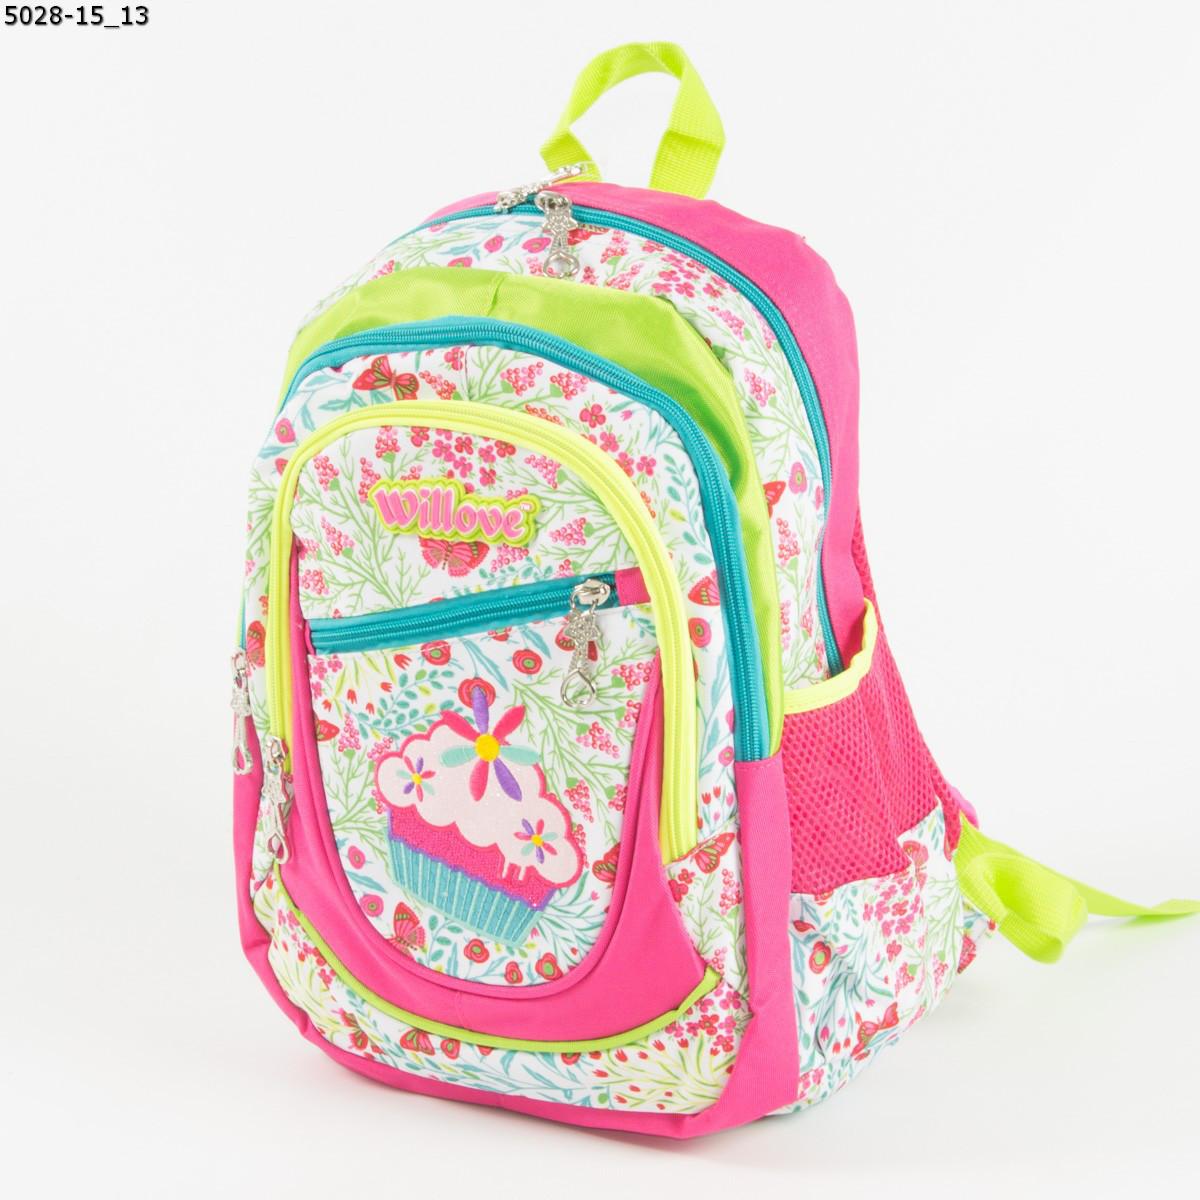 Оптом школьный/прогулочный рюкзак для девочек - 5028-15